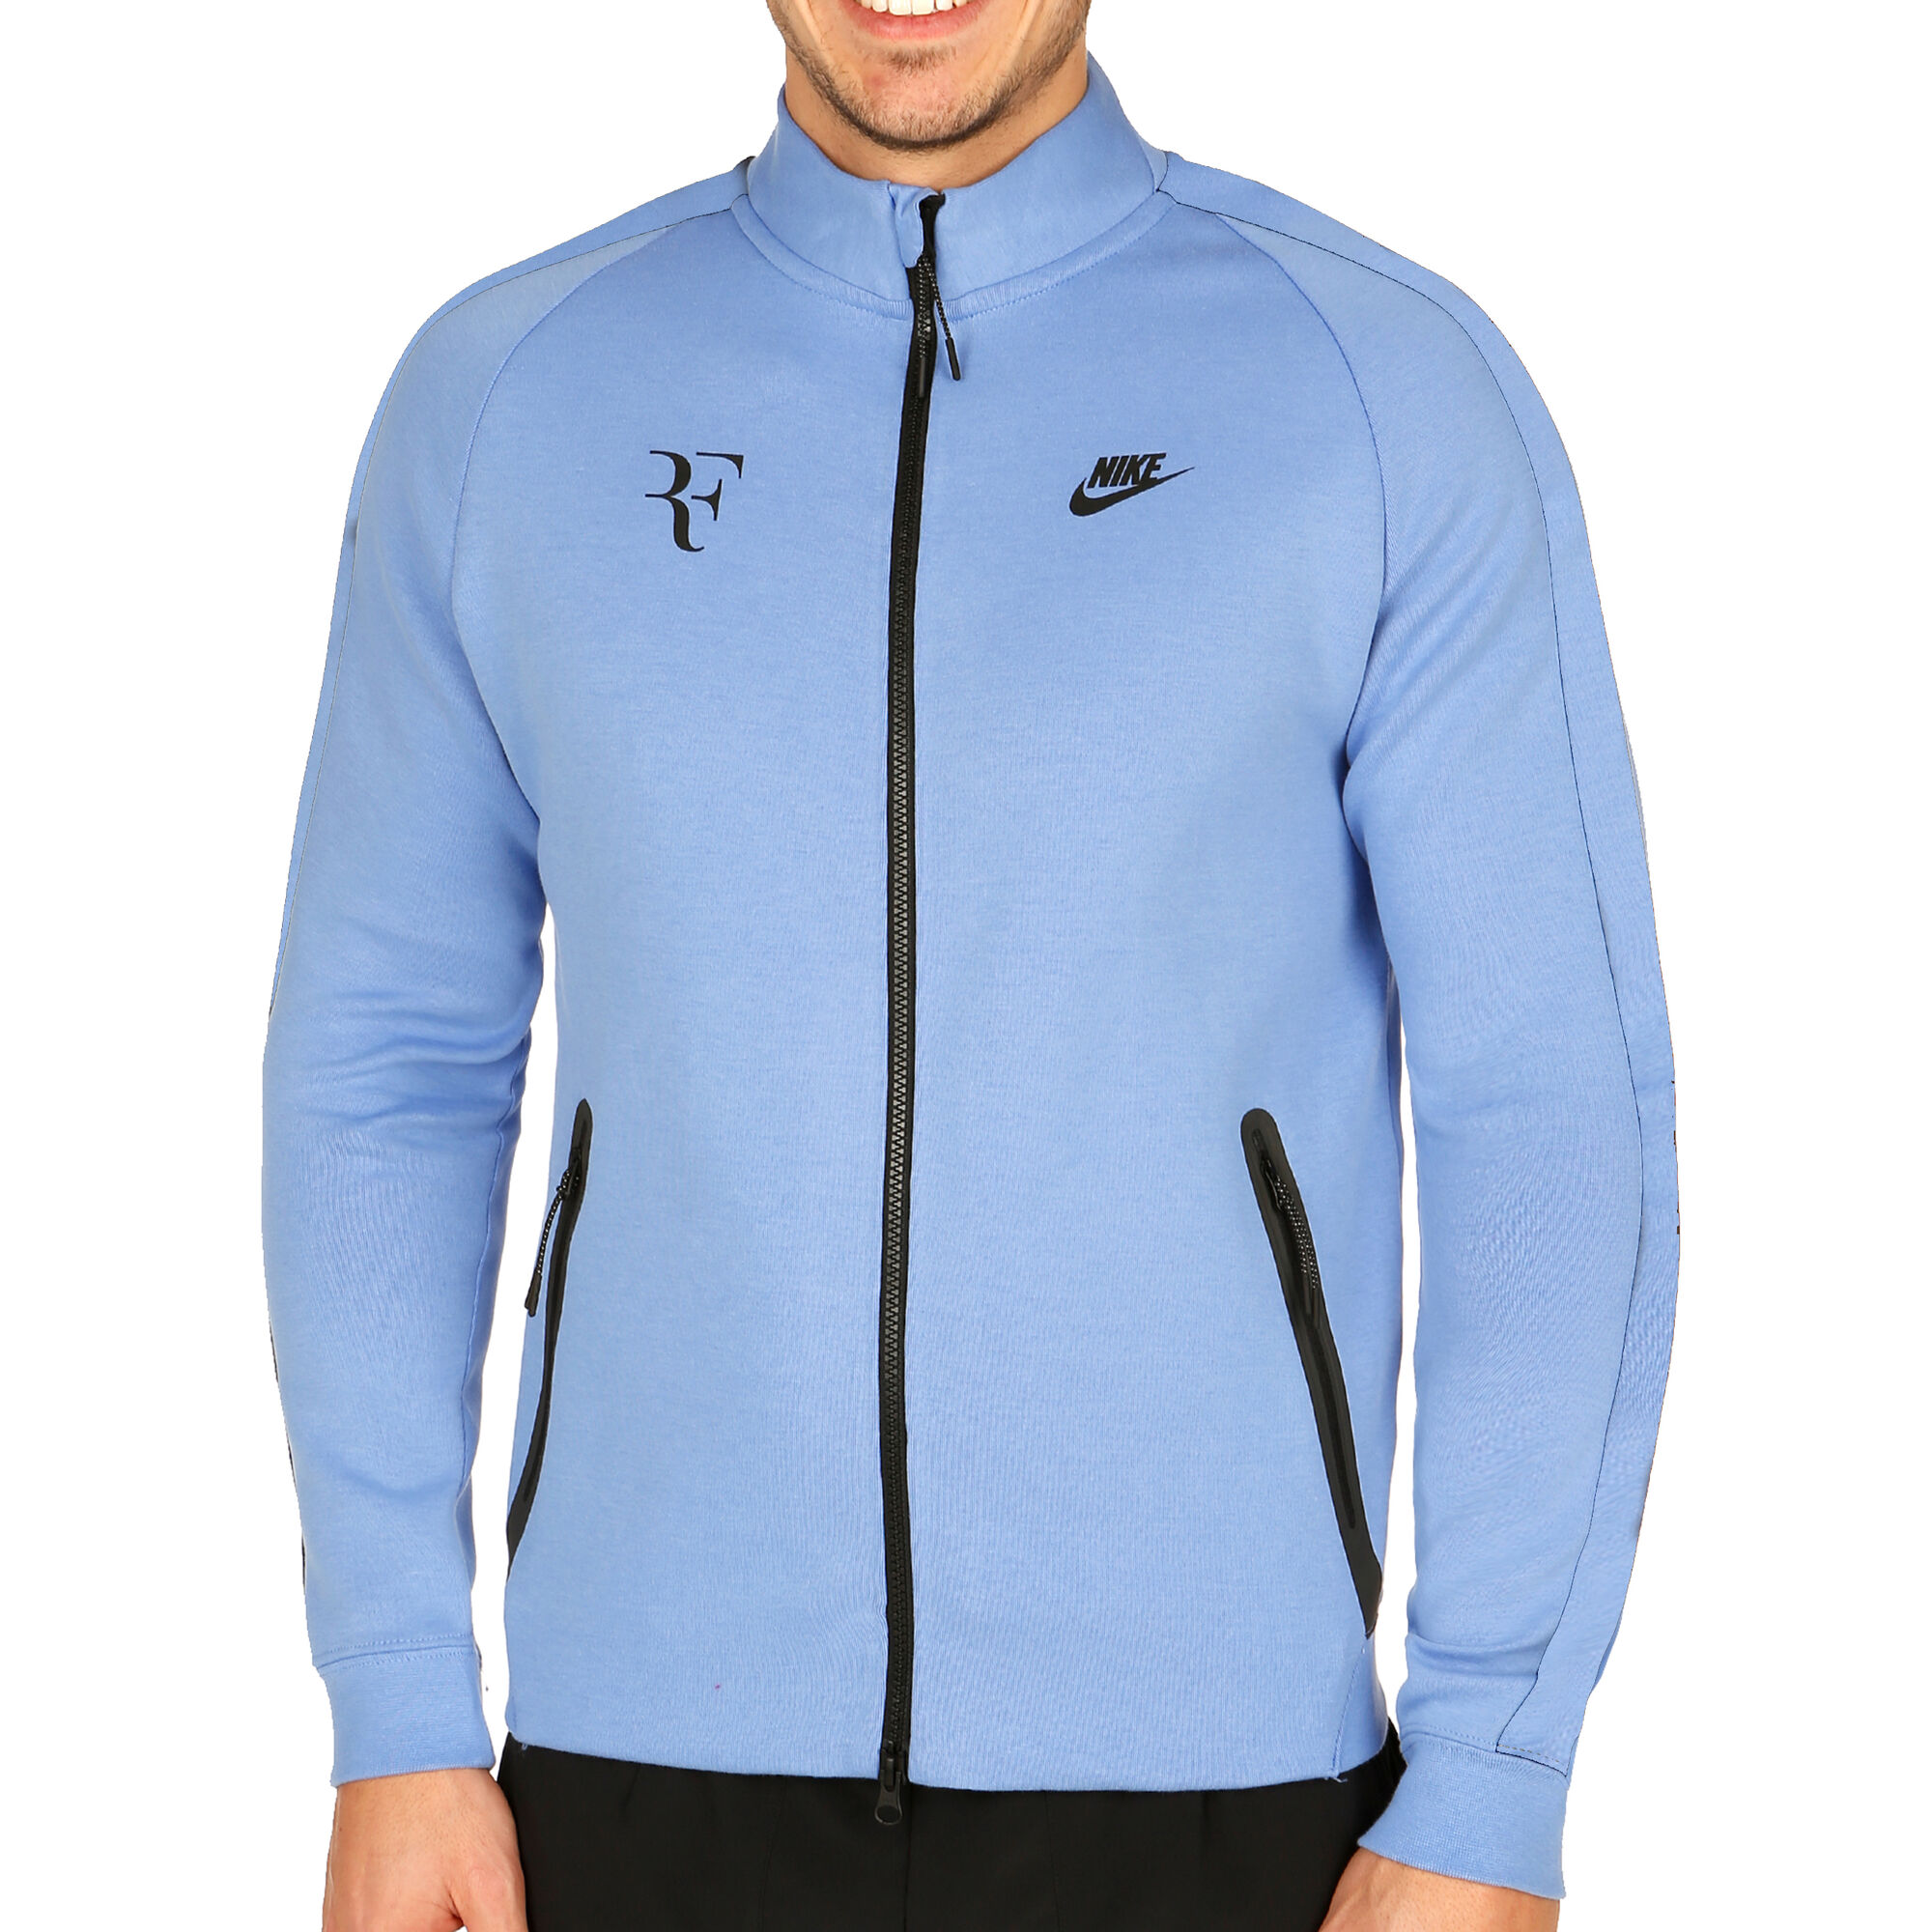 00148881cfd Nike Roger Federer Premier Tréninková Bunda Muži - Světle Modrá ...